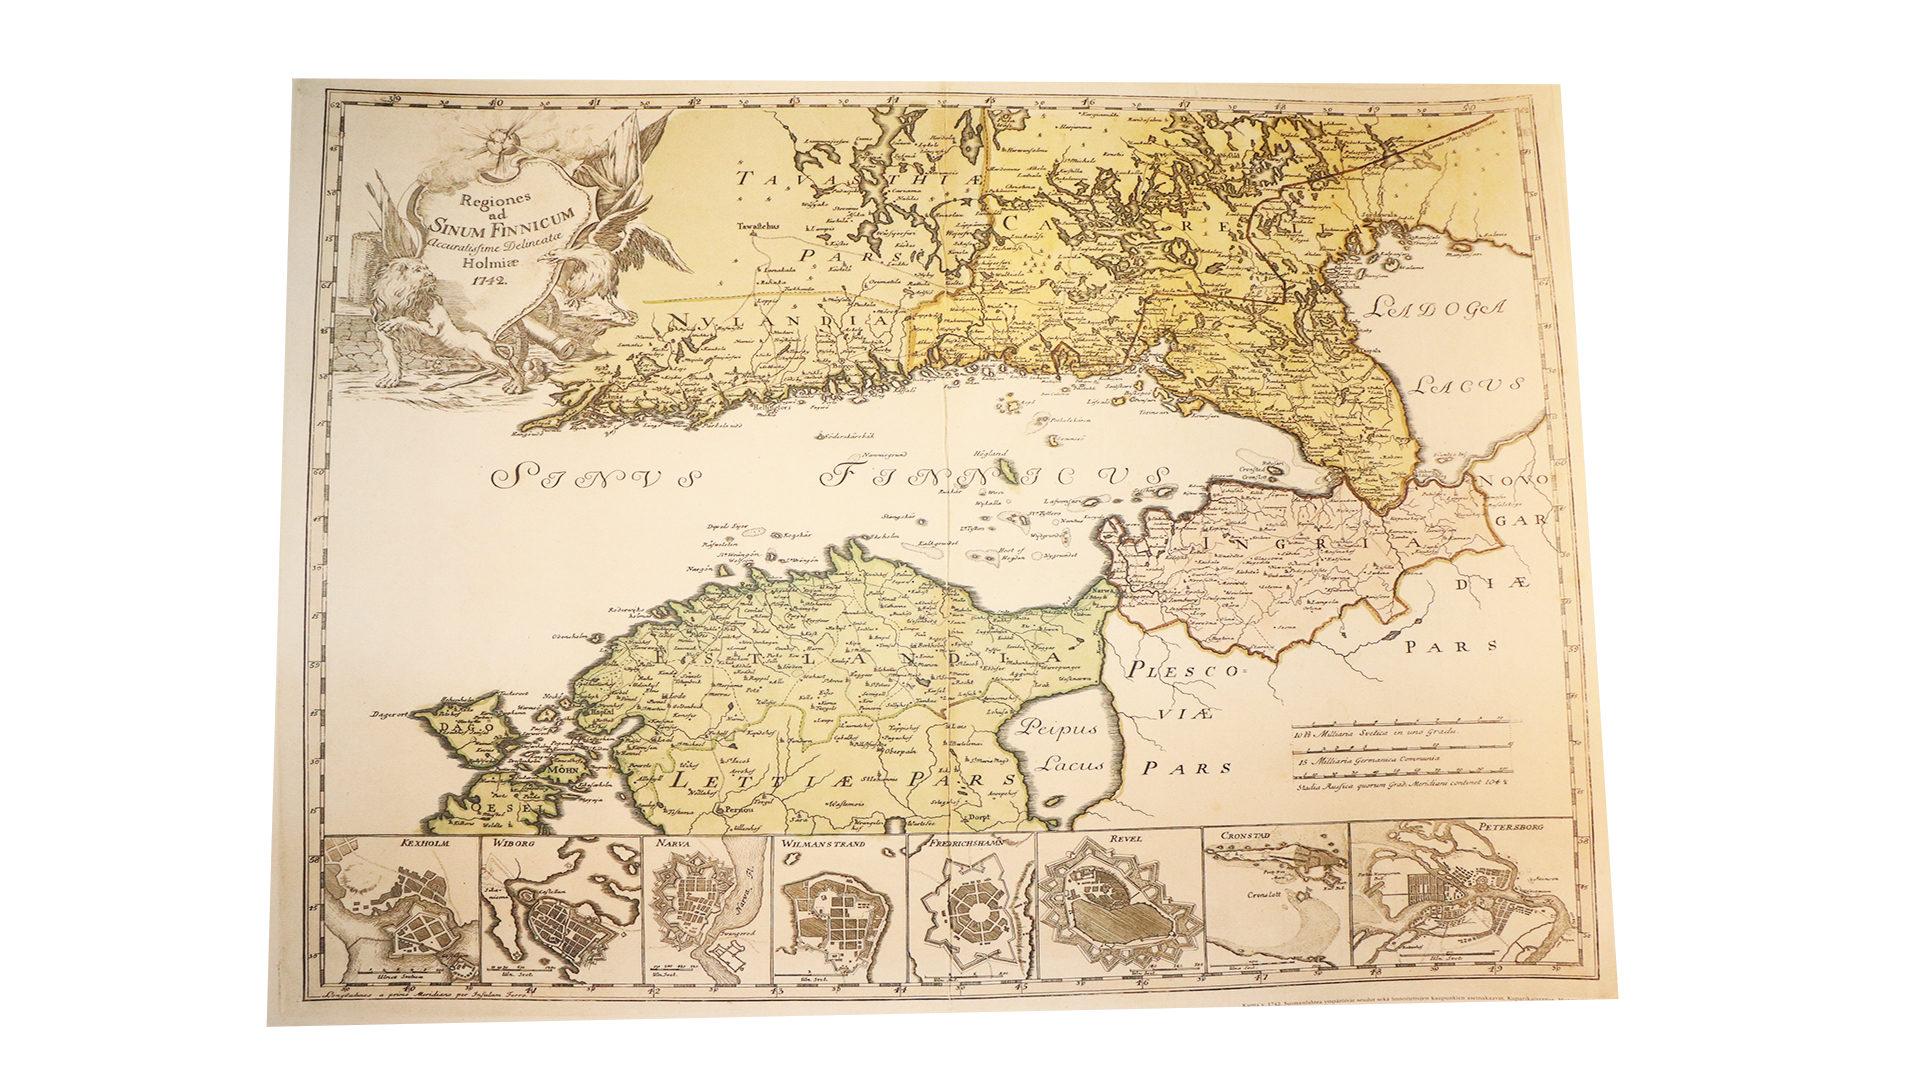 Juliste 1742 Kartta Ja Rannikkolinnoitukset Ehrensvard Seura Ry